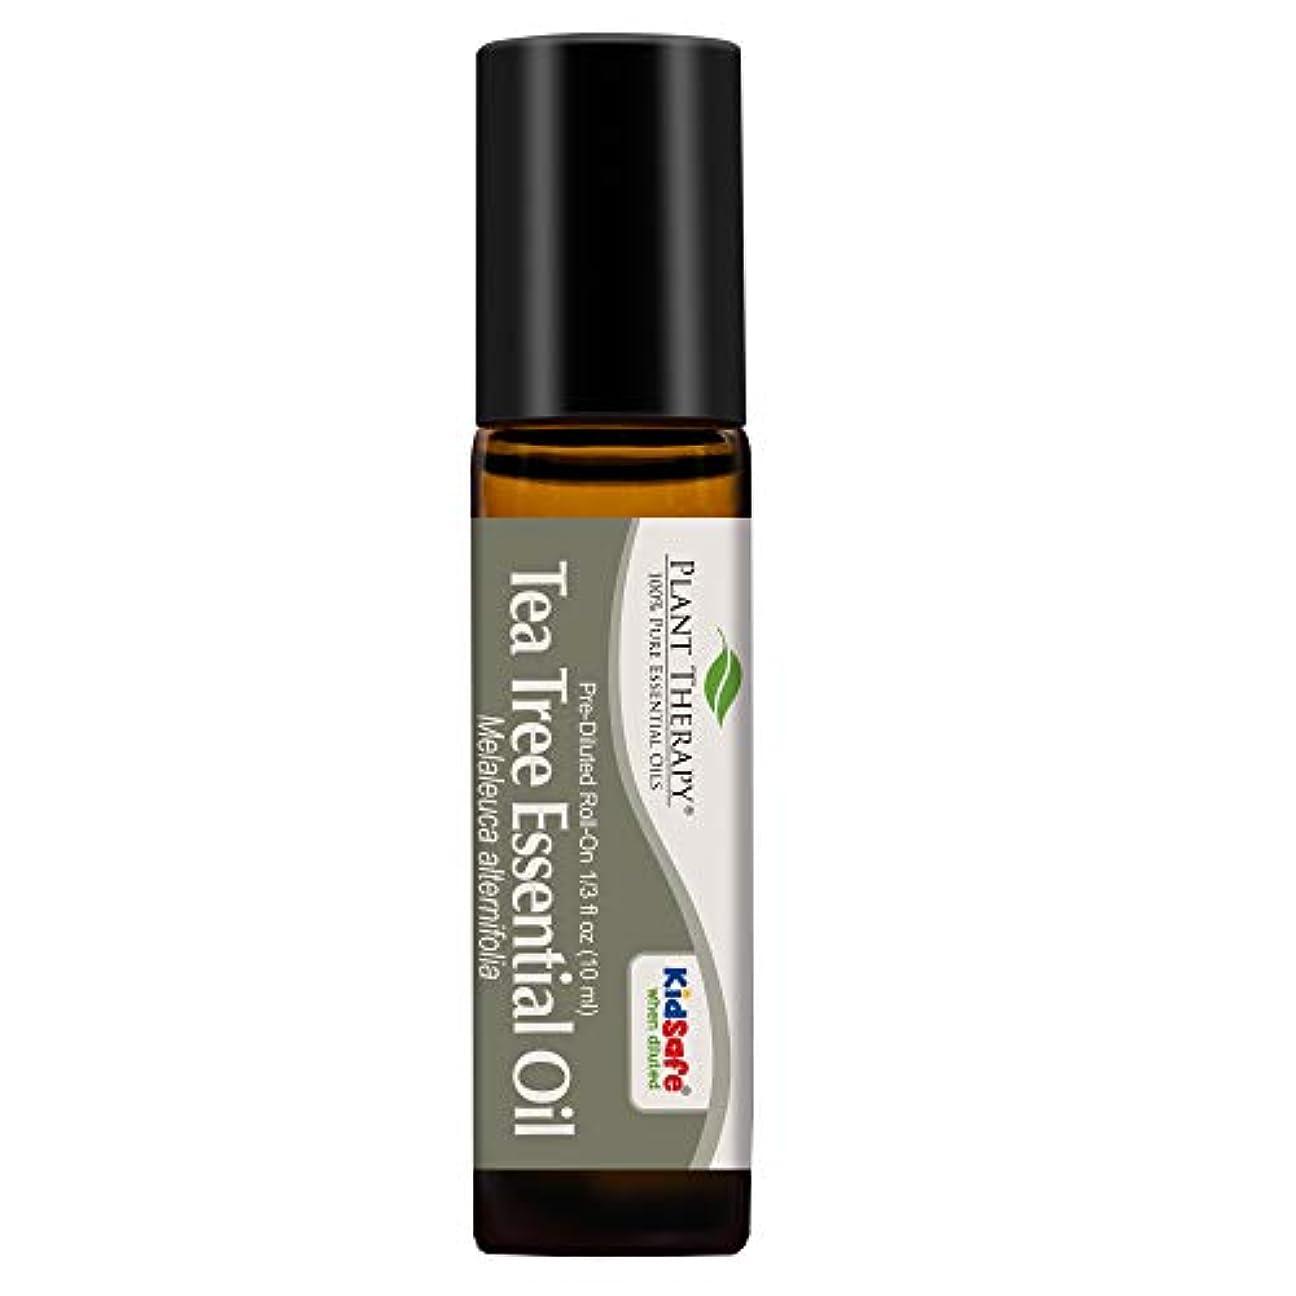 つかいますサラミインタラクションPlant Therapy Tea Tree Pre-Diluted Roll-On 10 ml (1/3 fl oz) 100% Pure, Therapeutic Grade